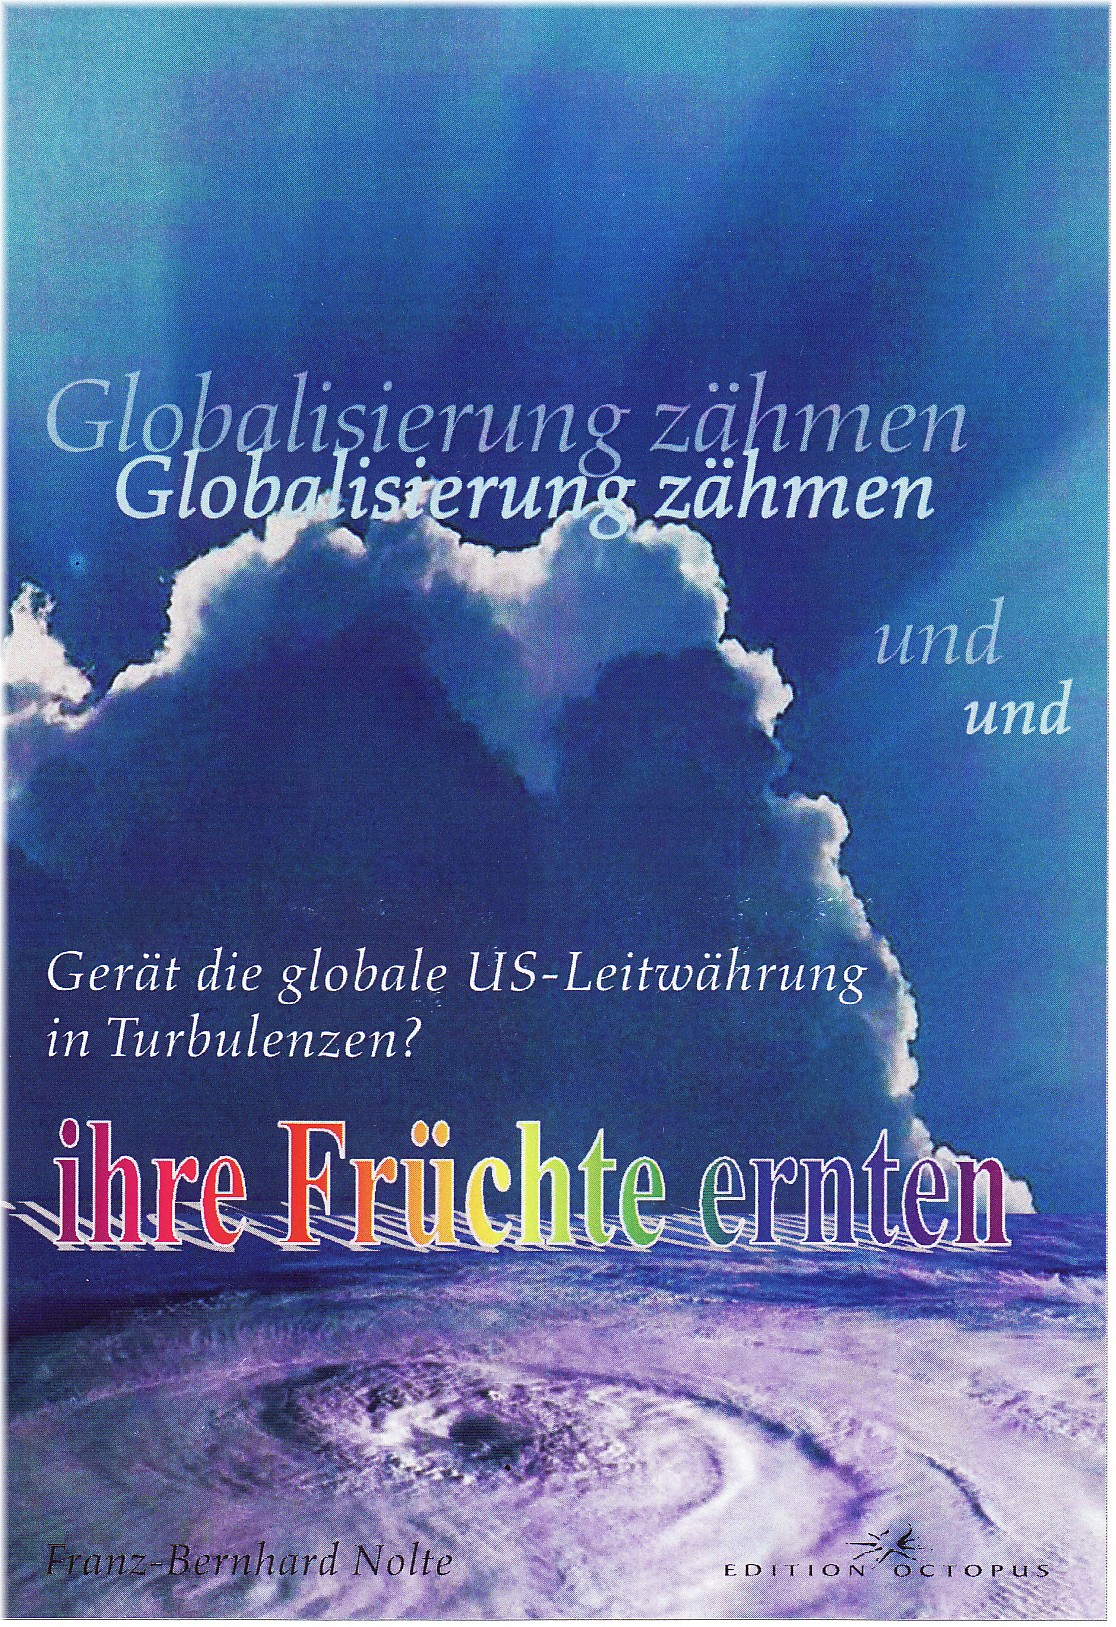 globalisierung vorteile industrieländer